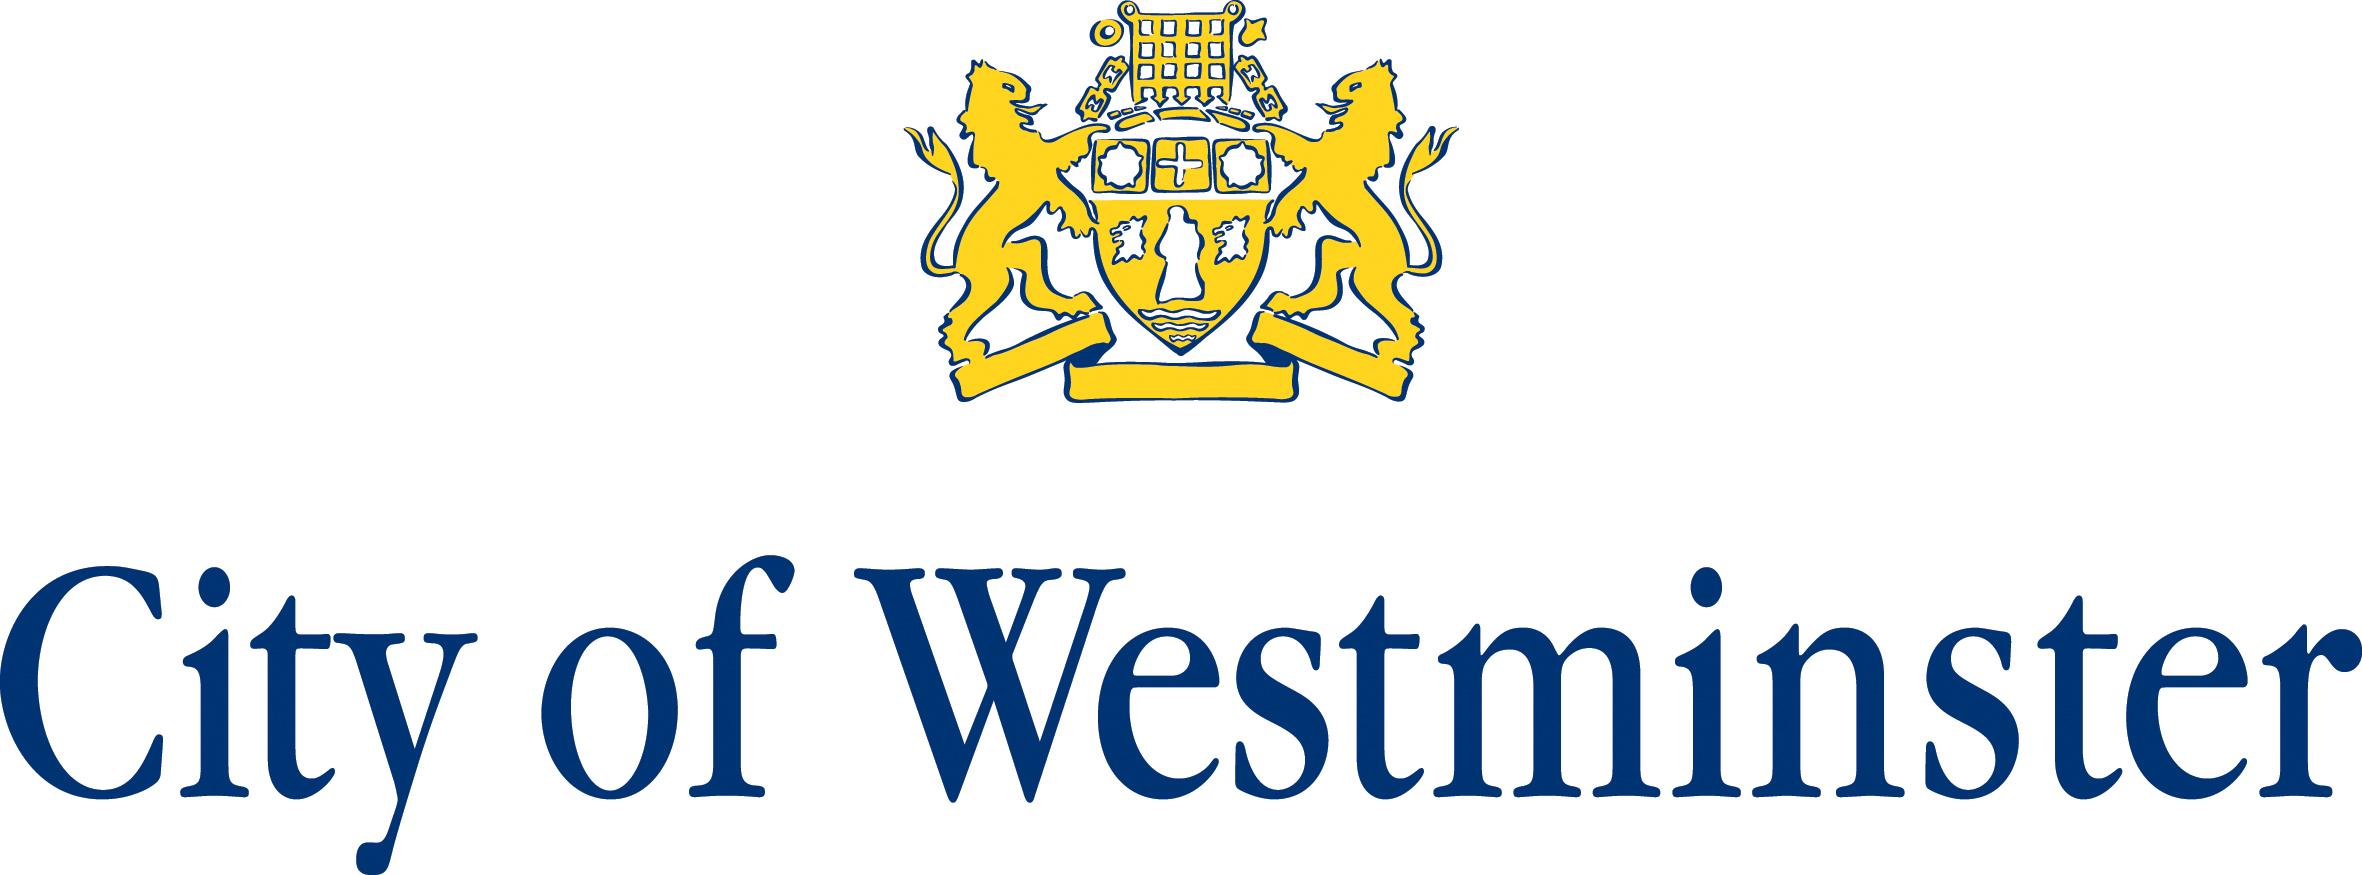 westminster_city_council_logo.jpg